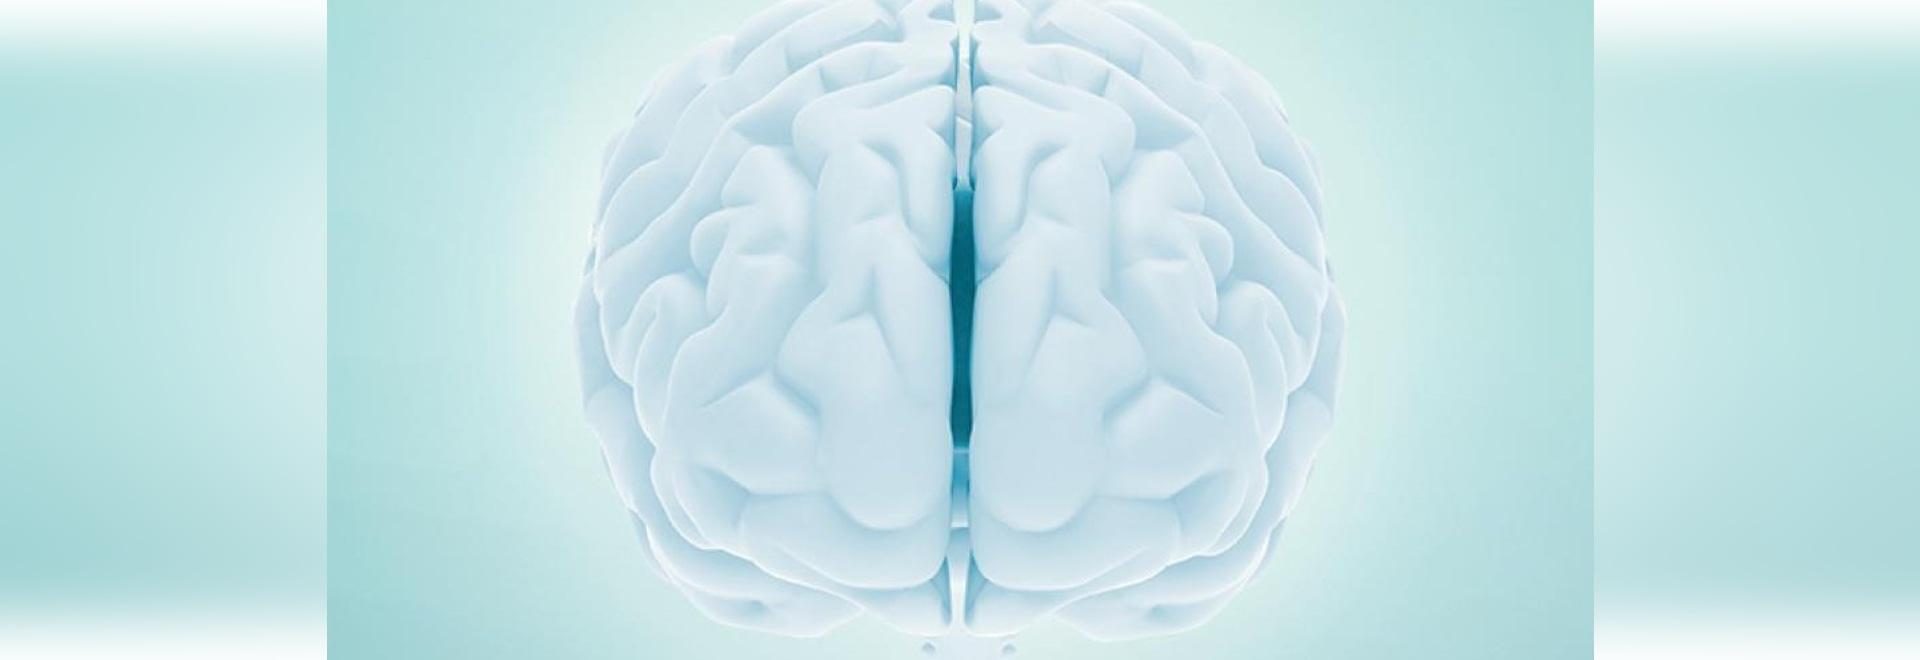 da studio sostenuto NIH identifica i biomarcatori del cervello legati a PTSD severo